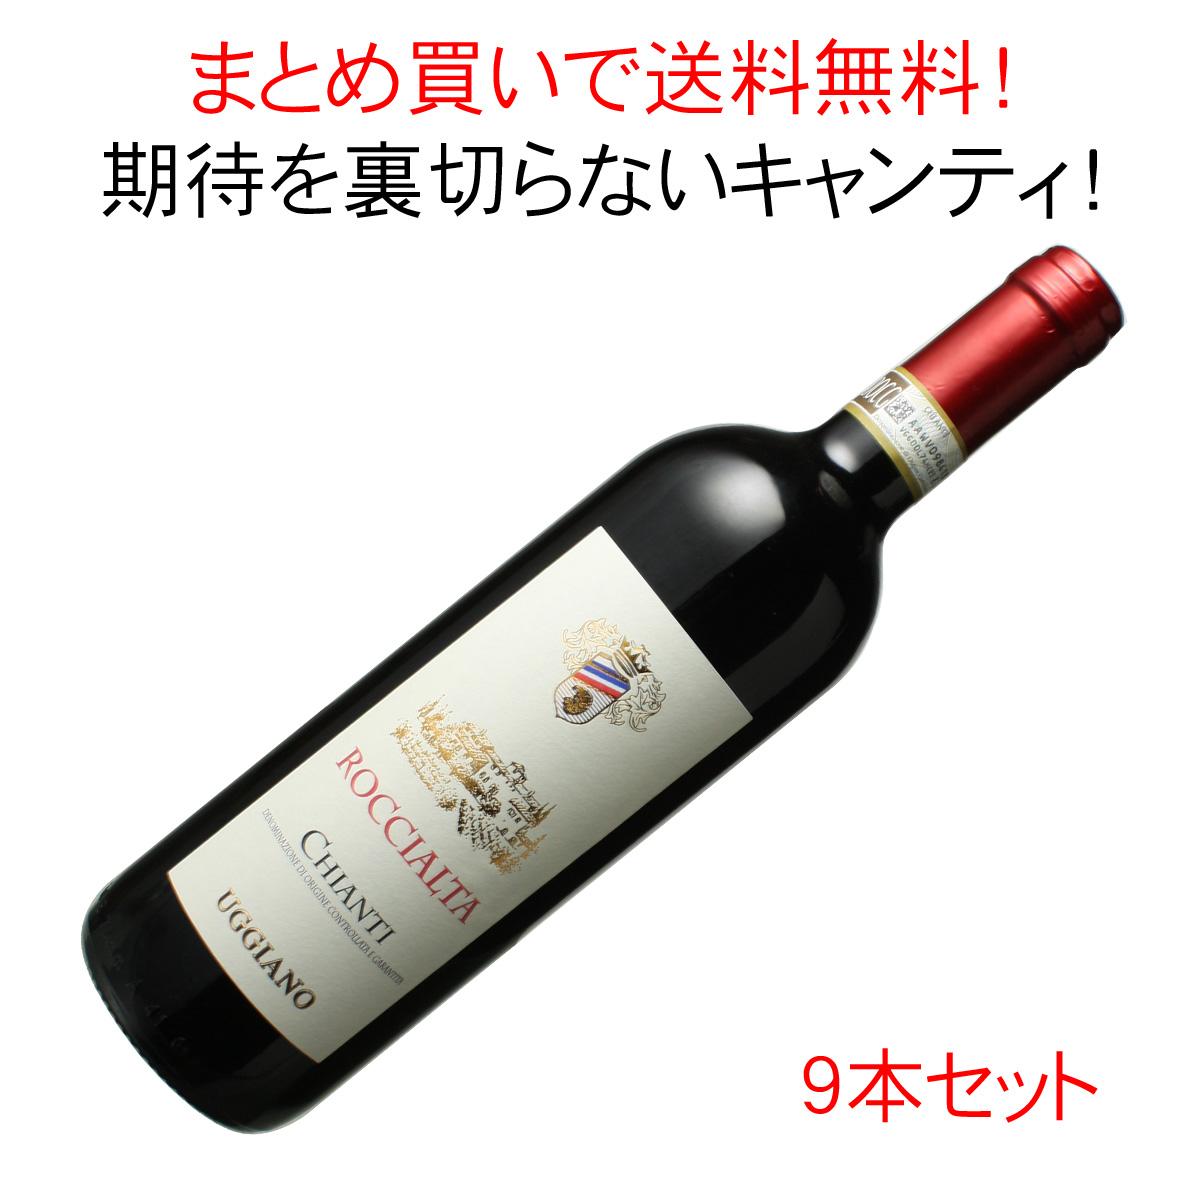 【送料無料】ロッチャルタ キャンティ [2019] ウッジャーノ 1ケース9本セット <赤> <ワイン/イタリア>